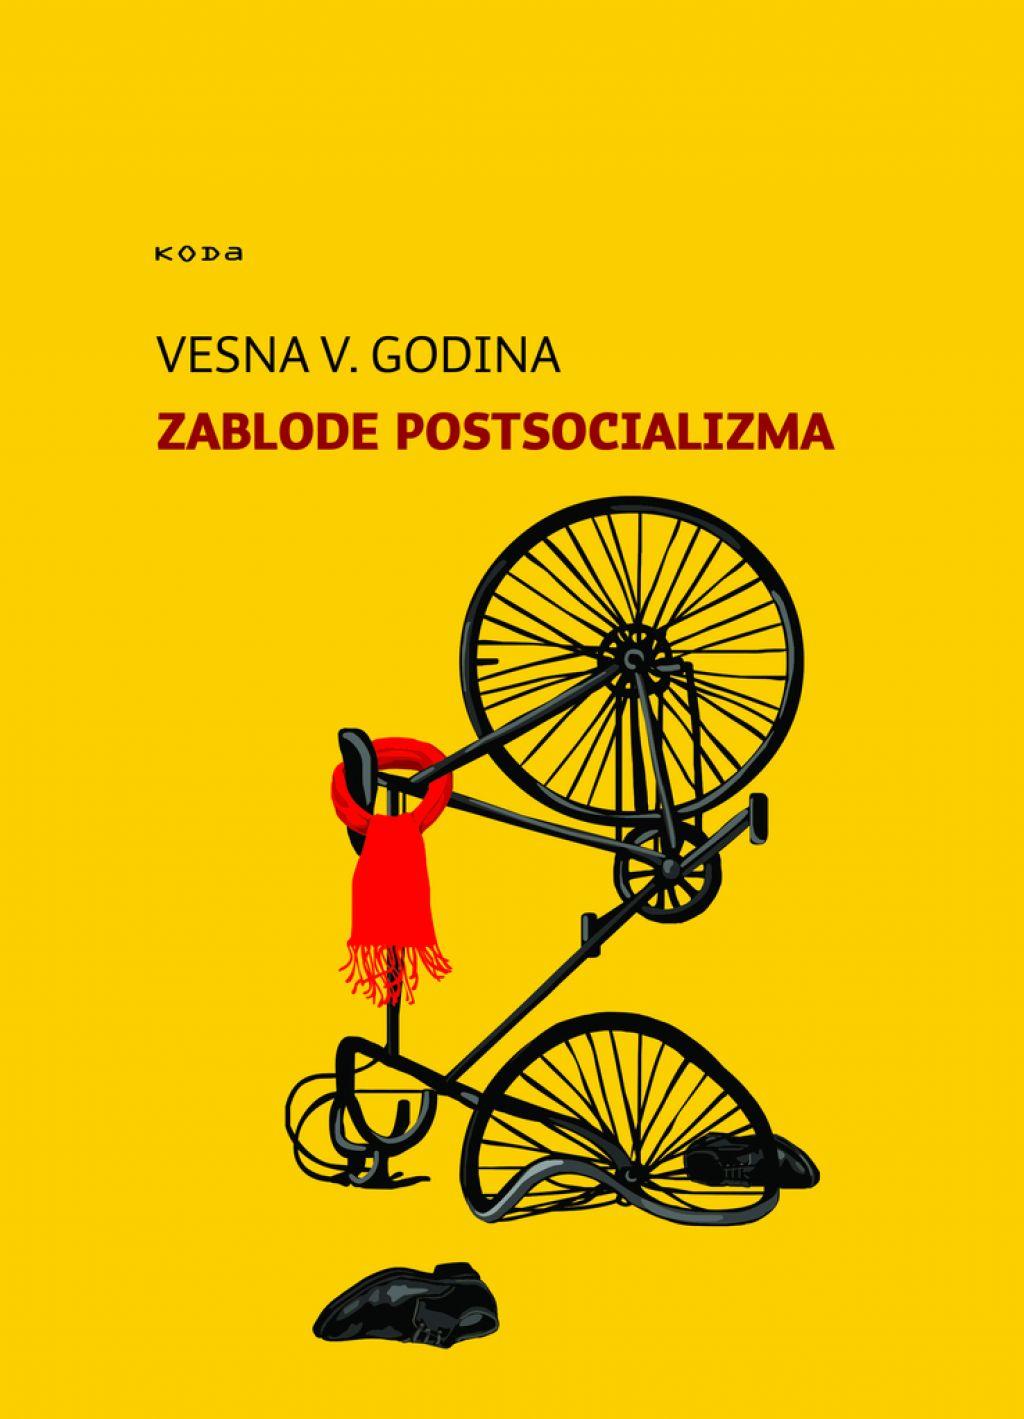 Knjiga, ki bi jo moral prebrati vsak Slovenec